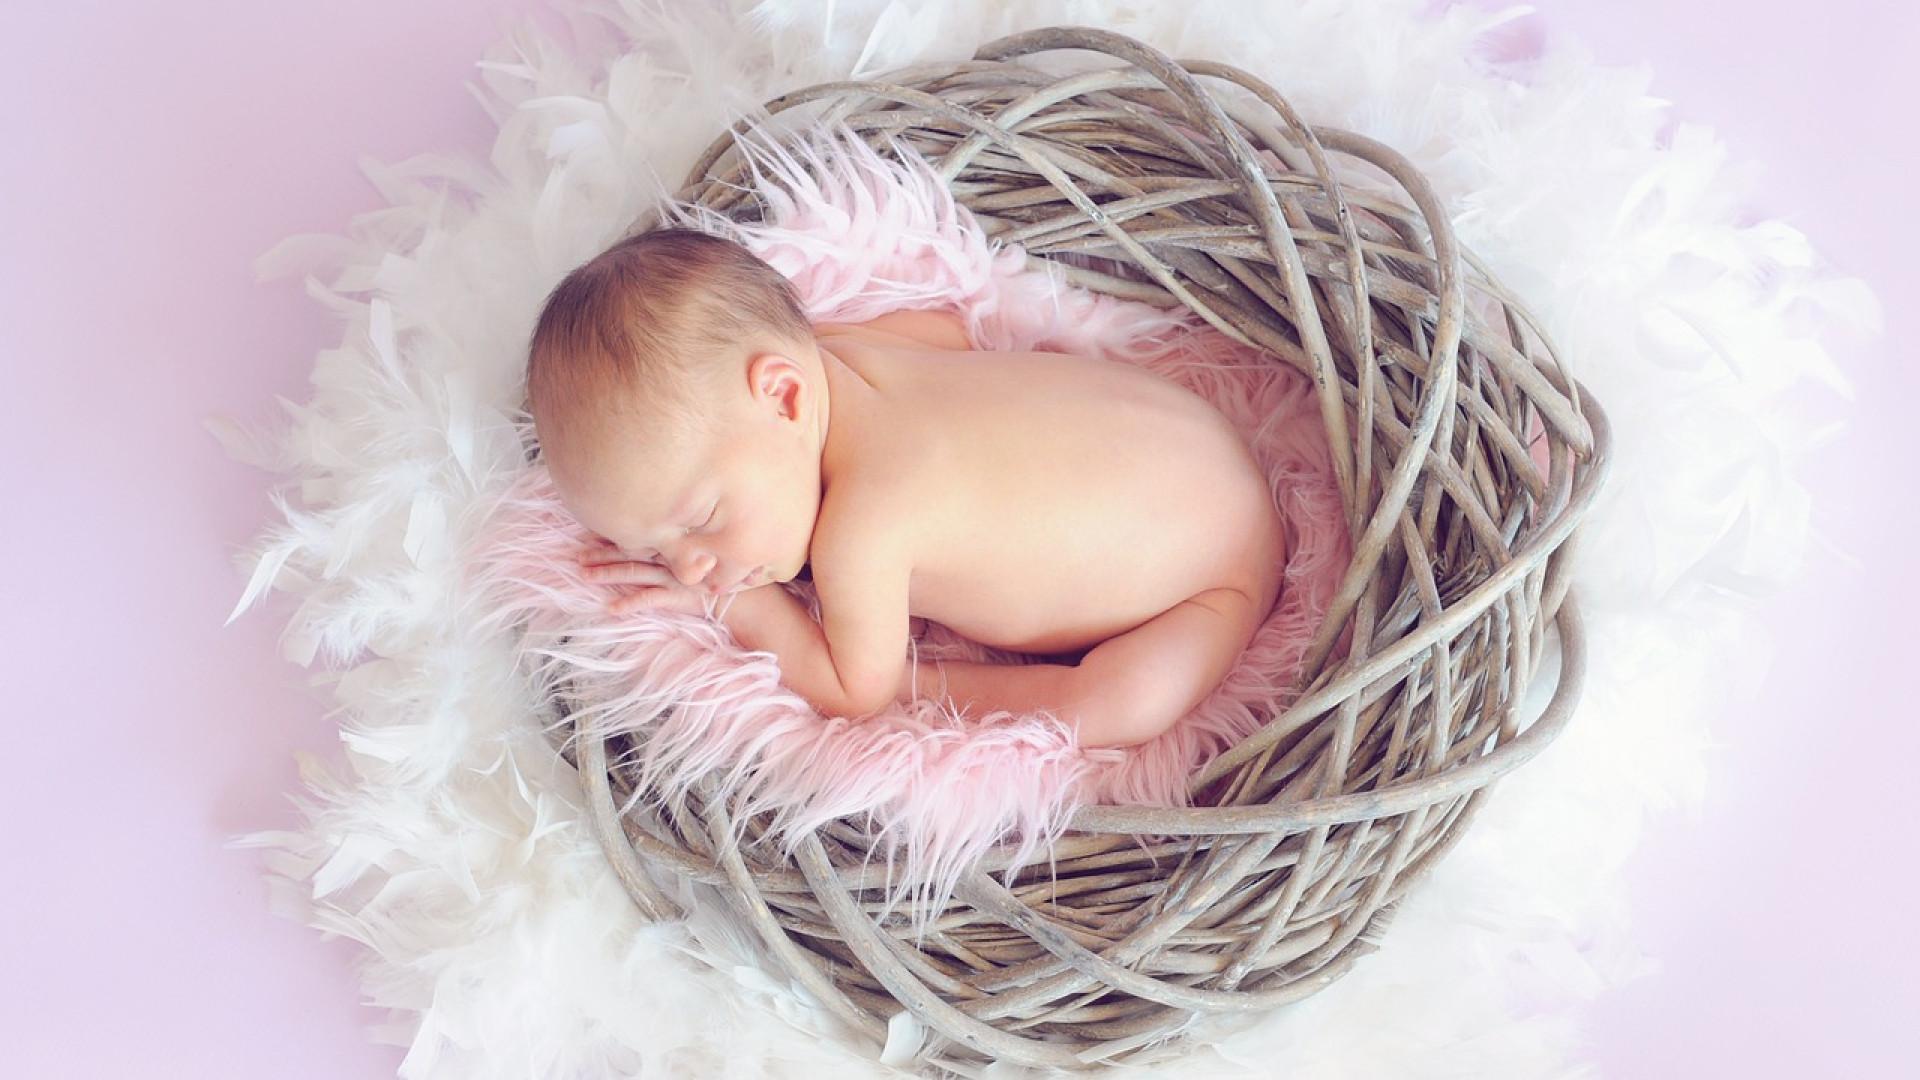 Un faire-part de naissance pour partager notre joie de devenir parents